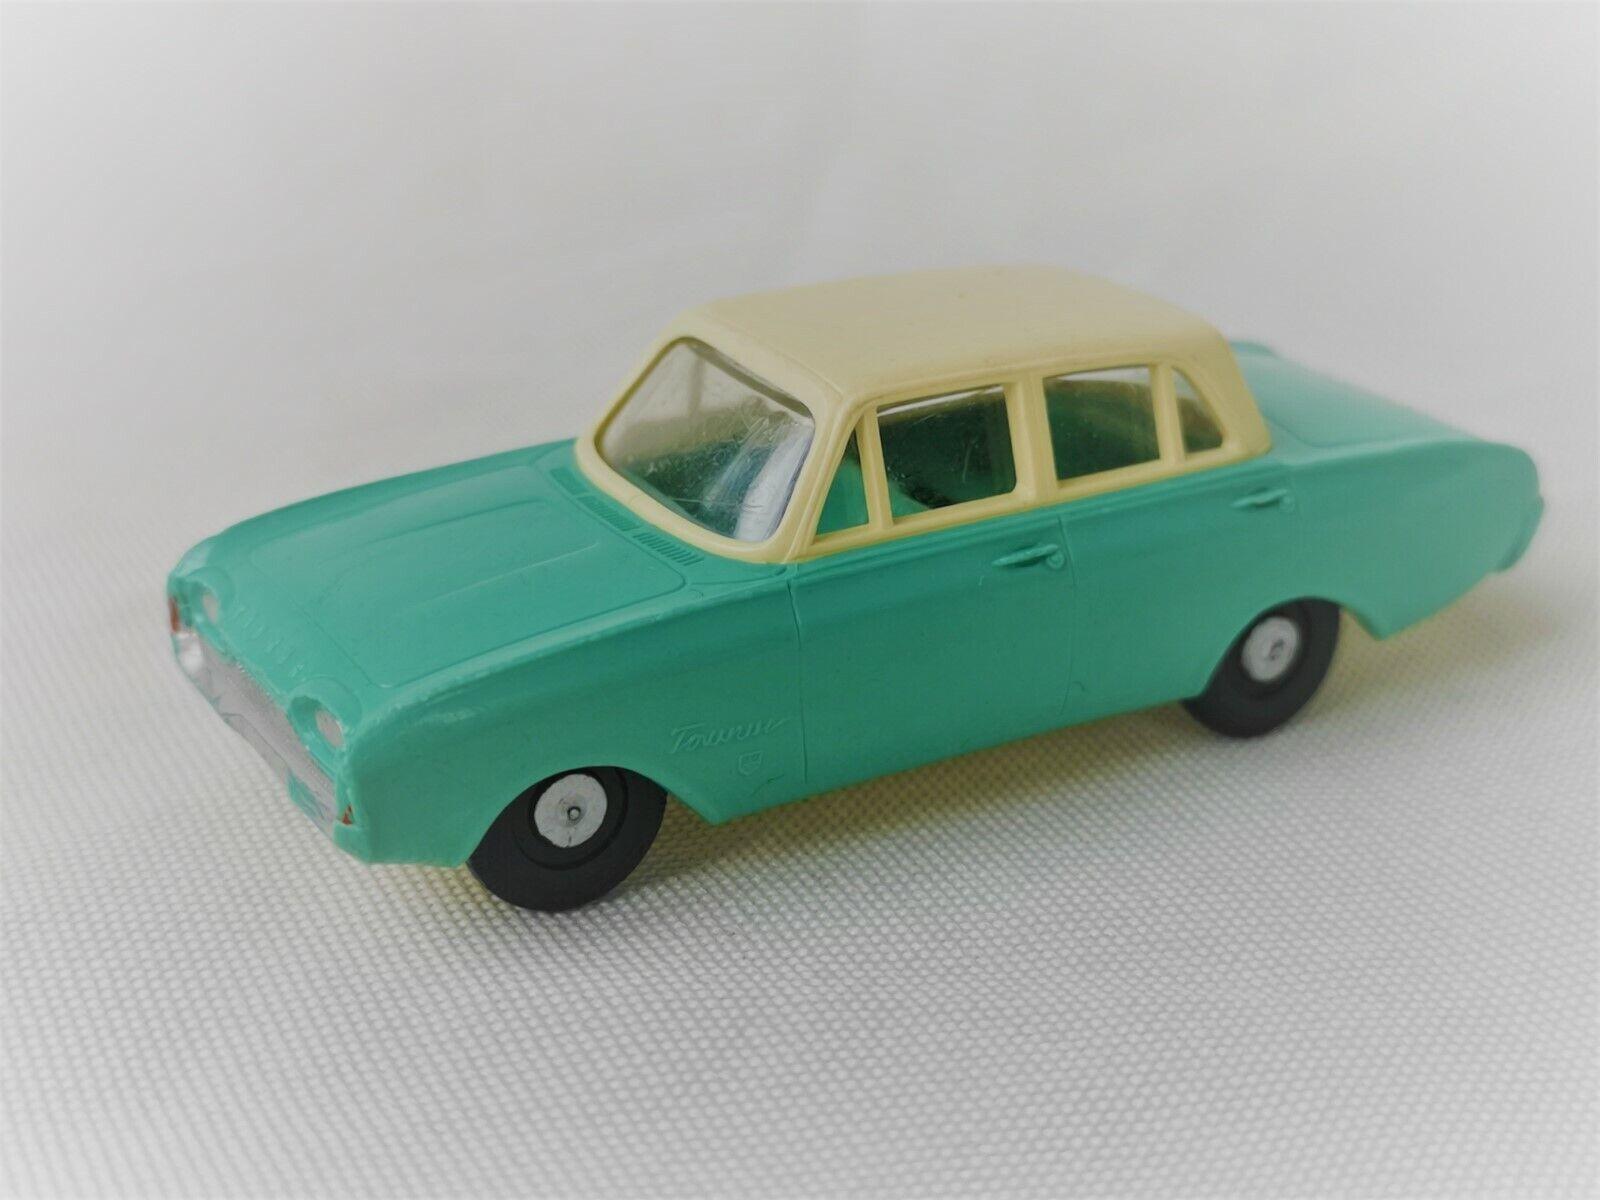 Siku plastique v172 FORD m17 1960 V série